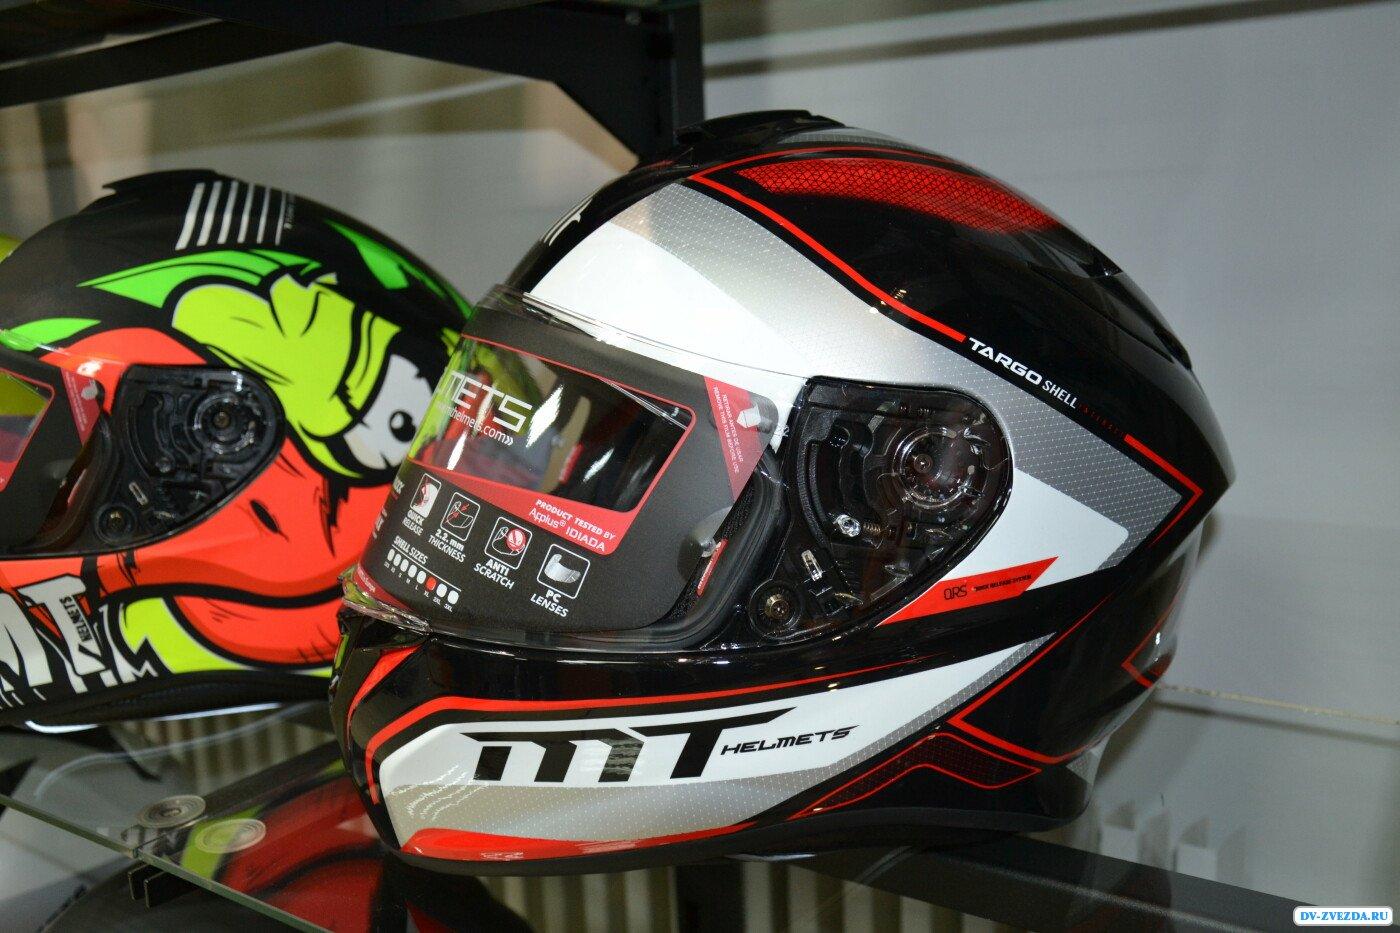 Особенности мотоэкипировки. Разновидности шлемов для мототехники